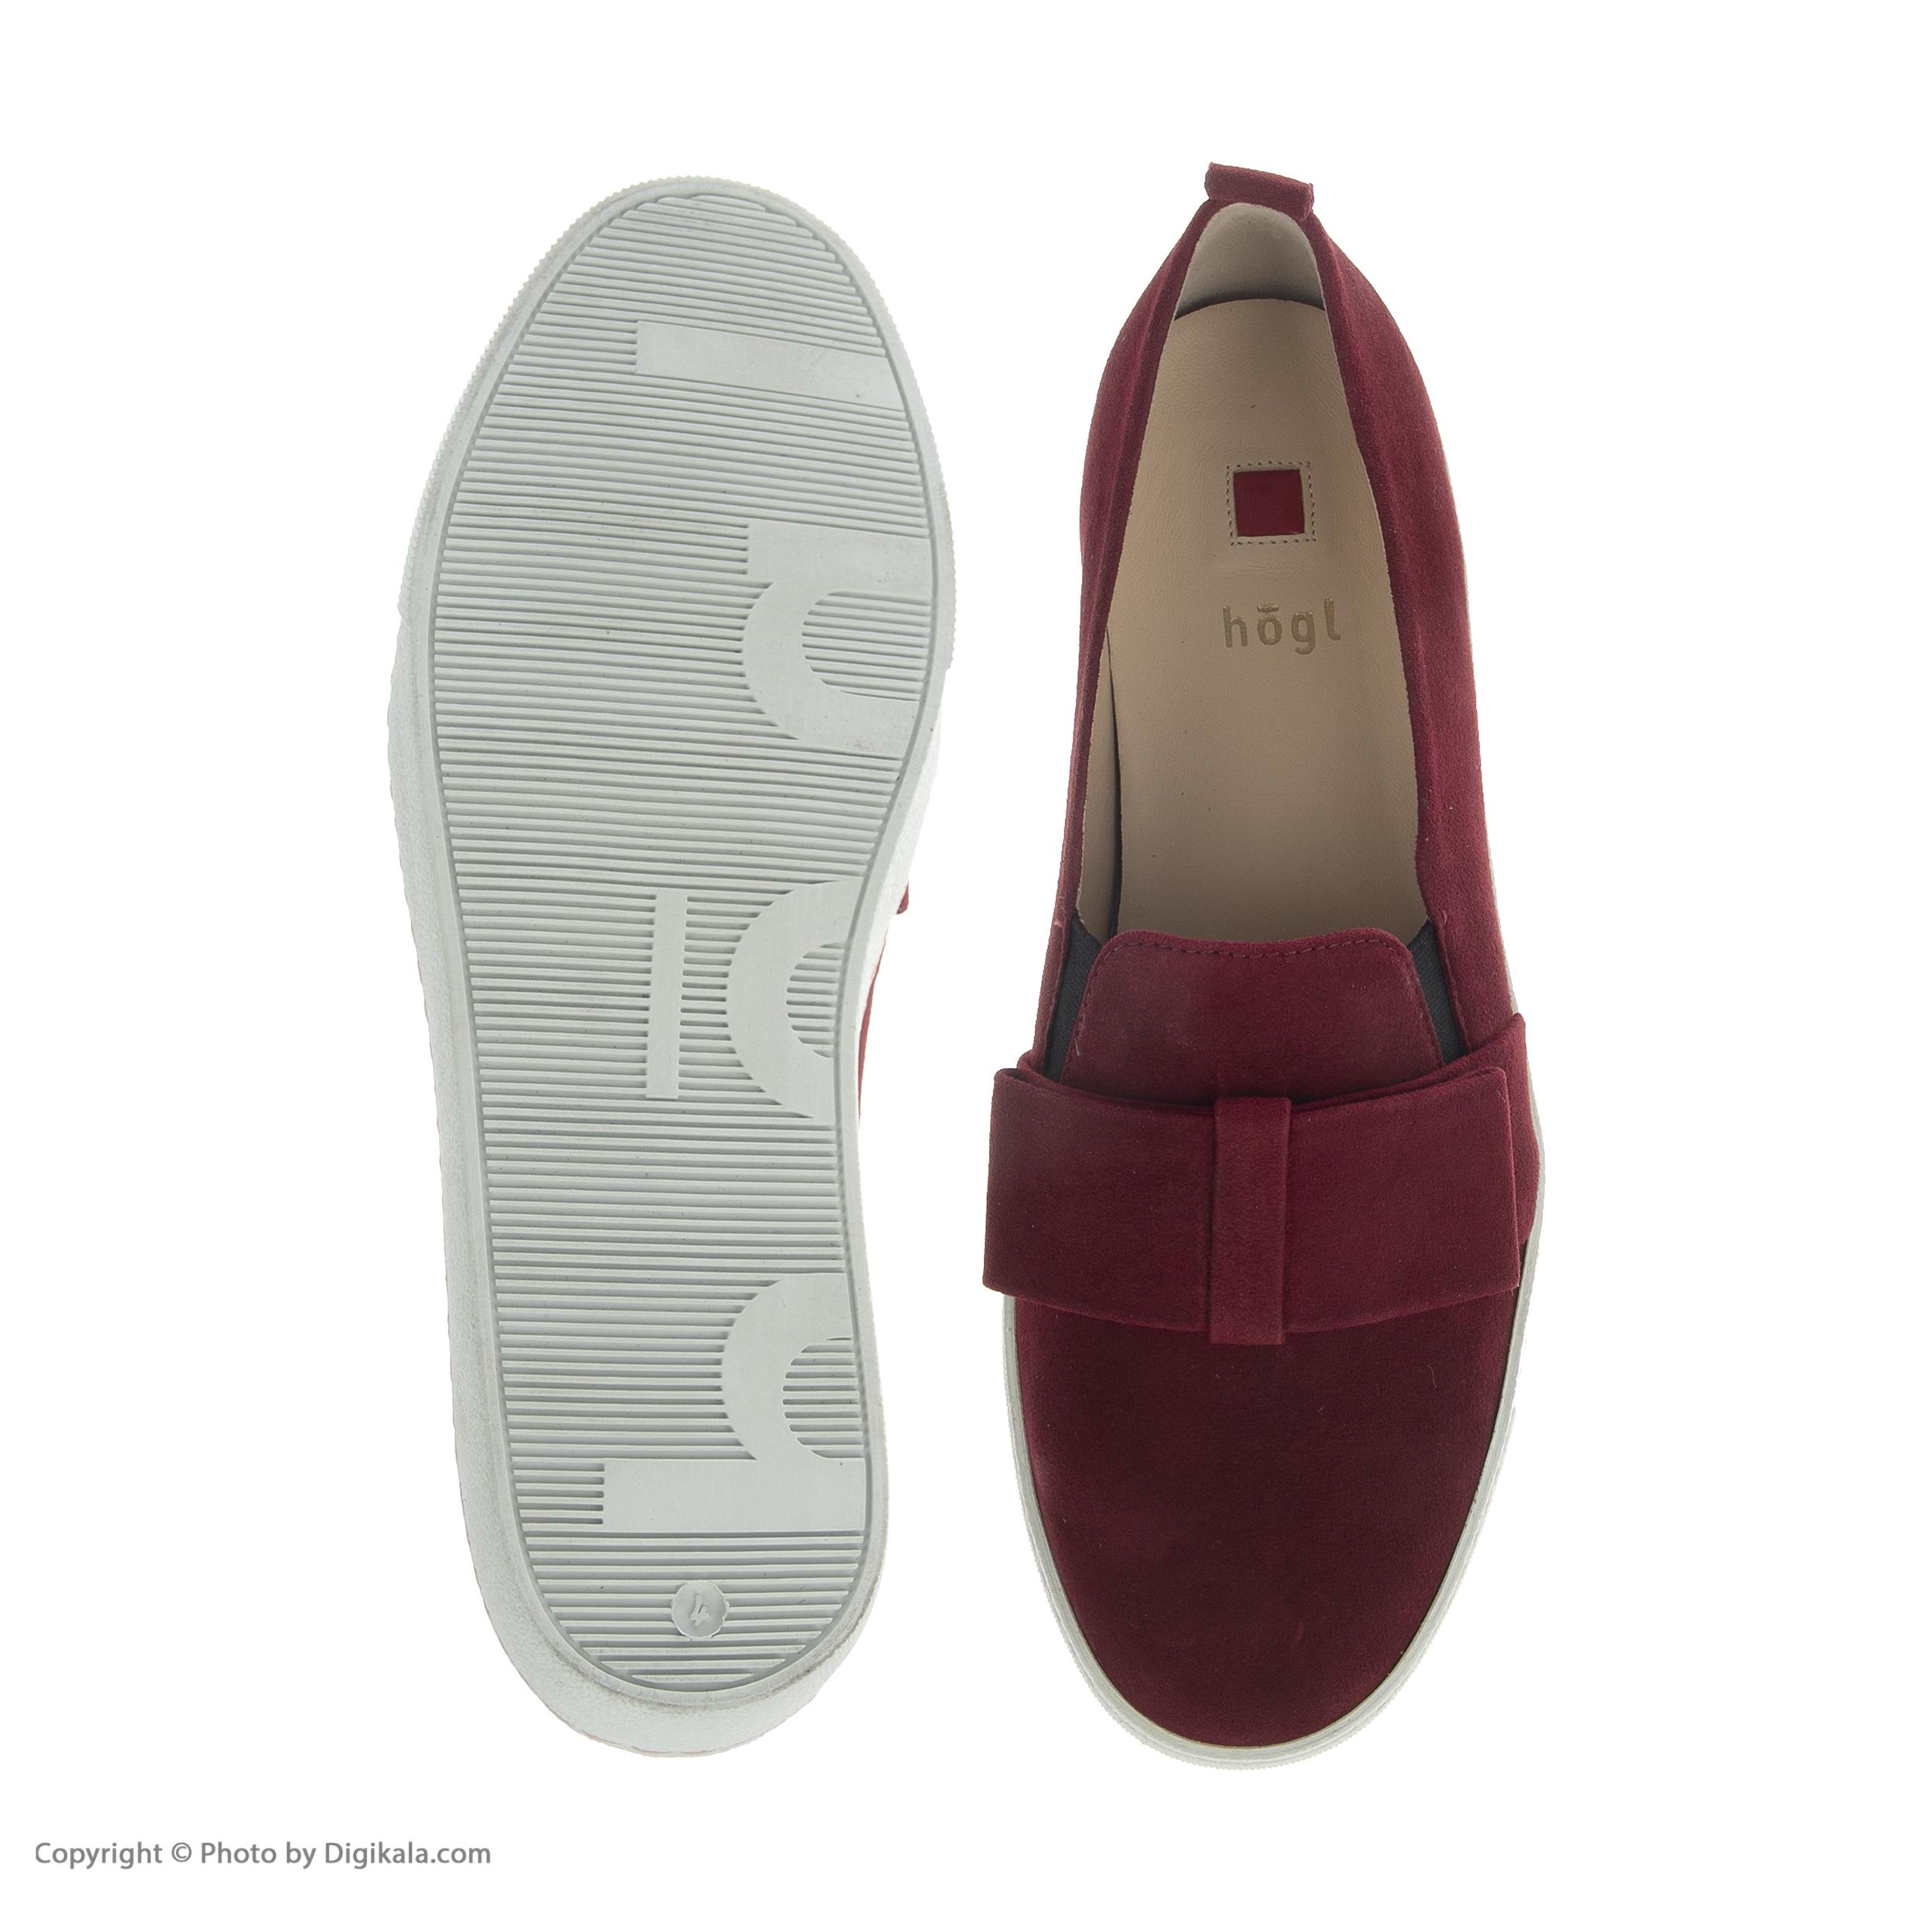 کفش روزمره زنانه هوگل مدل 4-100332-8300